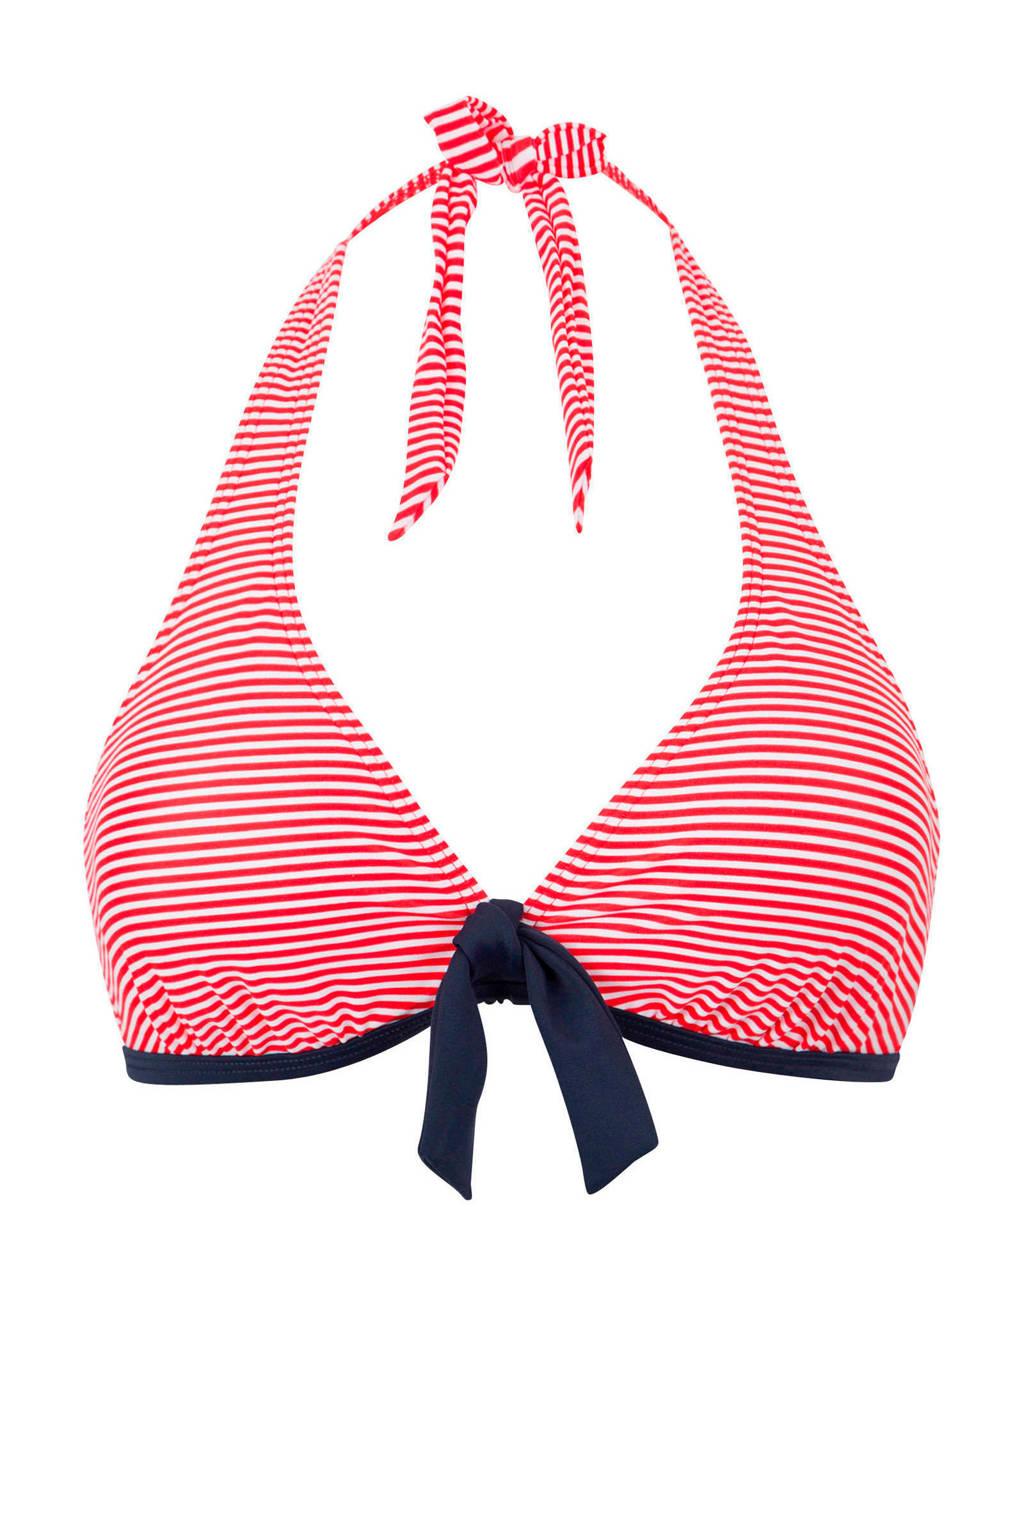 s.Oliver gestreepte halter bikinitop rood, Rood/wit